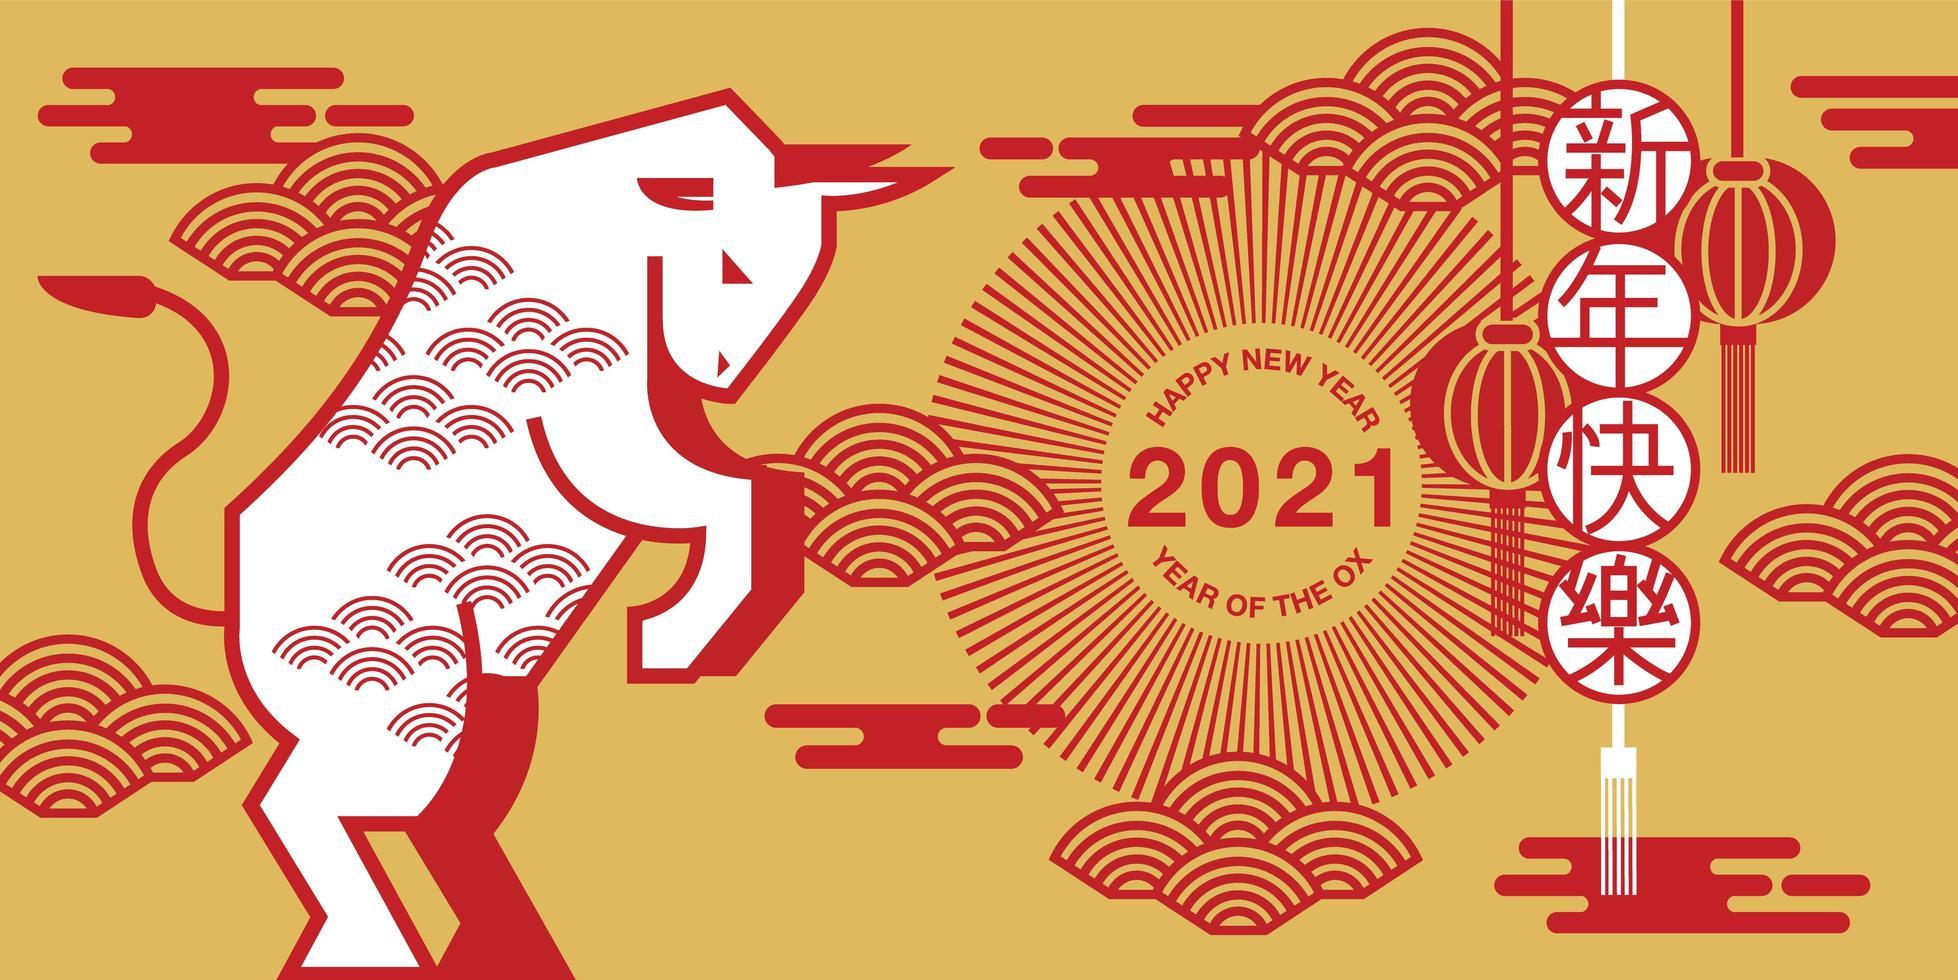 bandiera cinese del nuovo anno 2021 con bue sulle zampe posteriori vettore